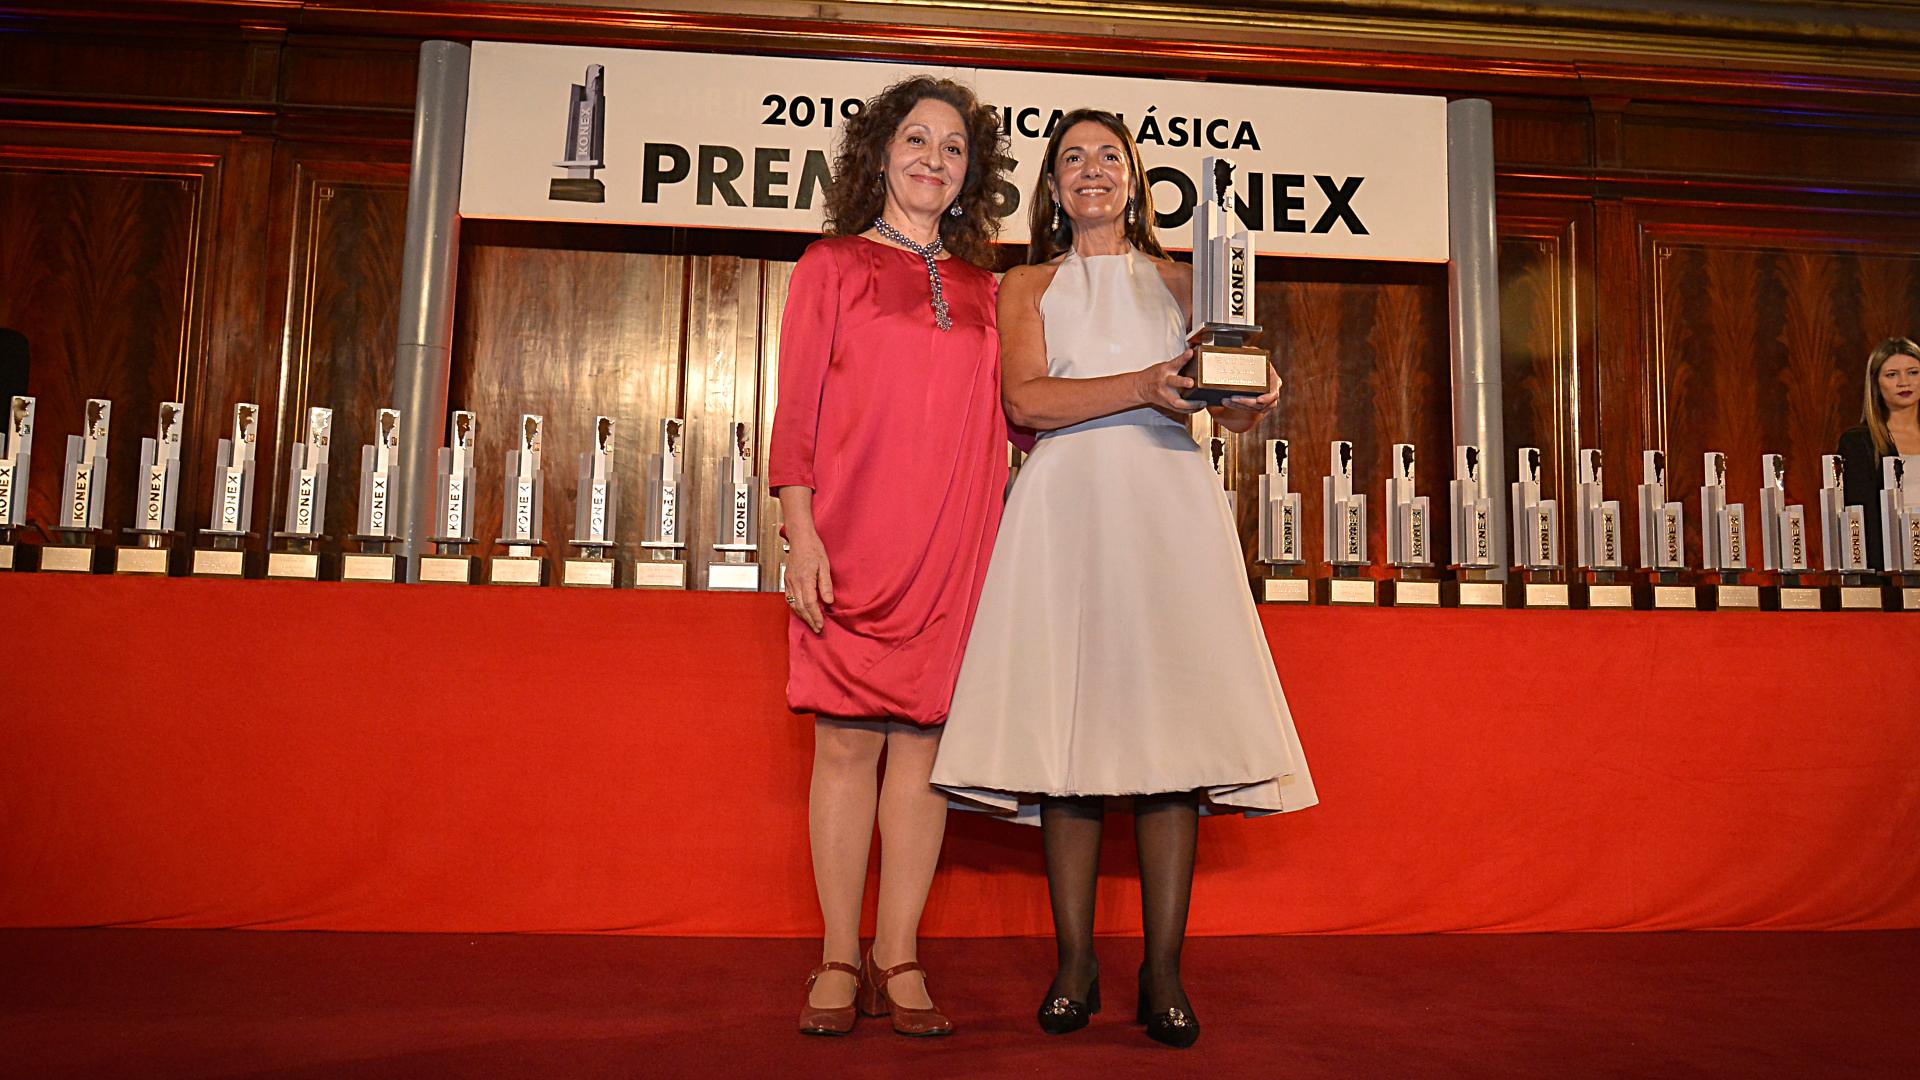 La soprano, Verónica Cangemi, recibió el premio en la categoría cantante femenina de la mano de la jurado Virginia Correa Dupuy